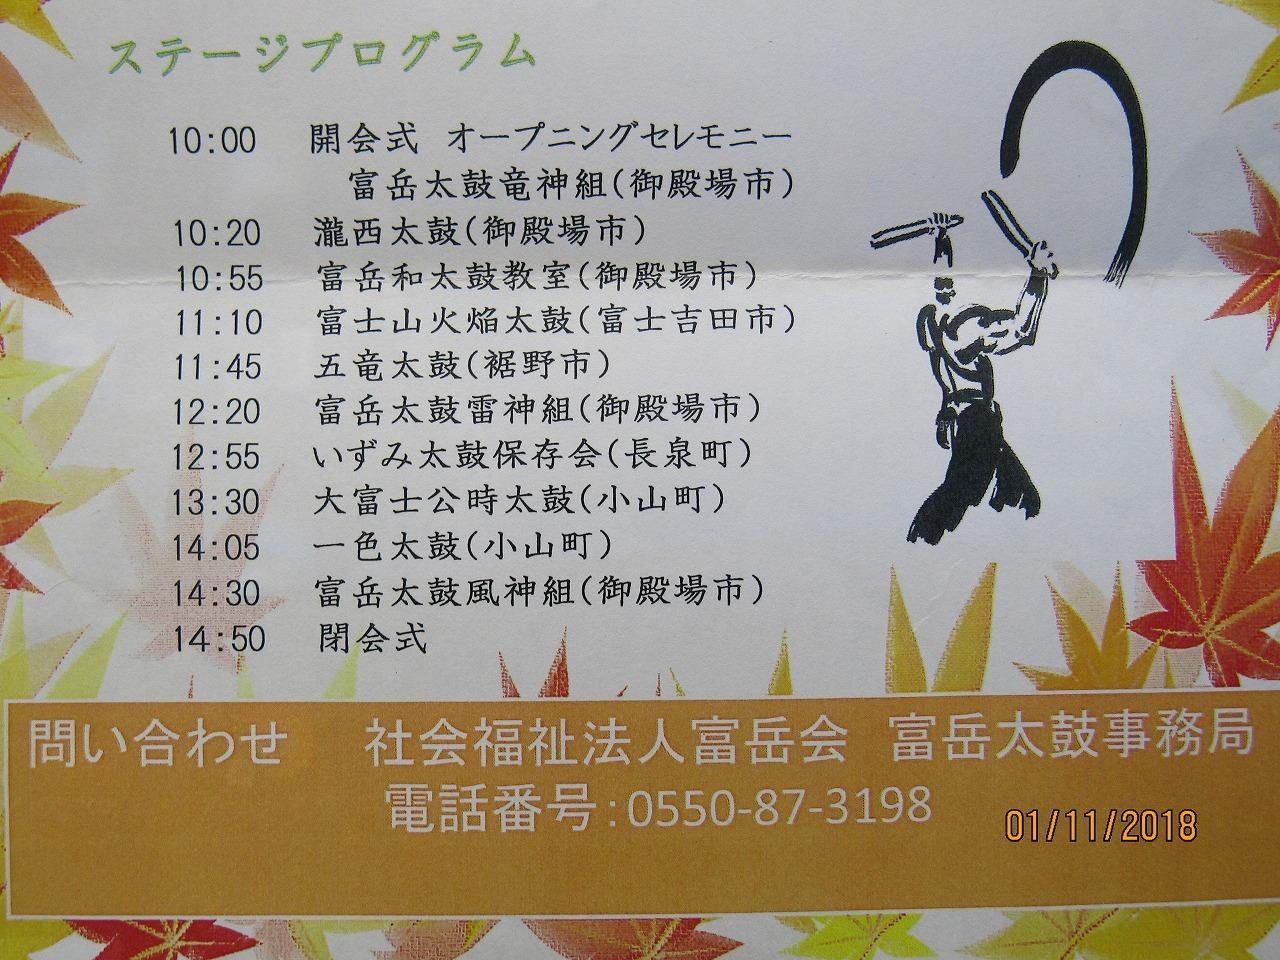 第8回富士山樹空の森和太鼓フェスティバル_e0185893_15553143.jpg